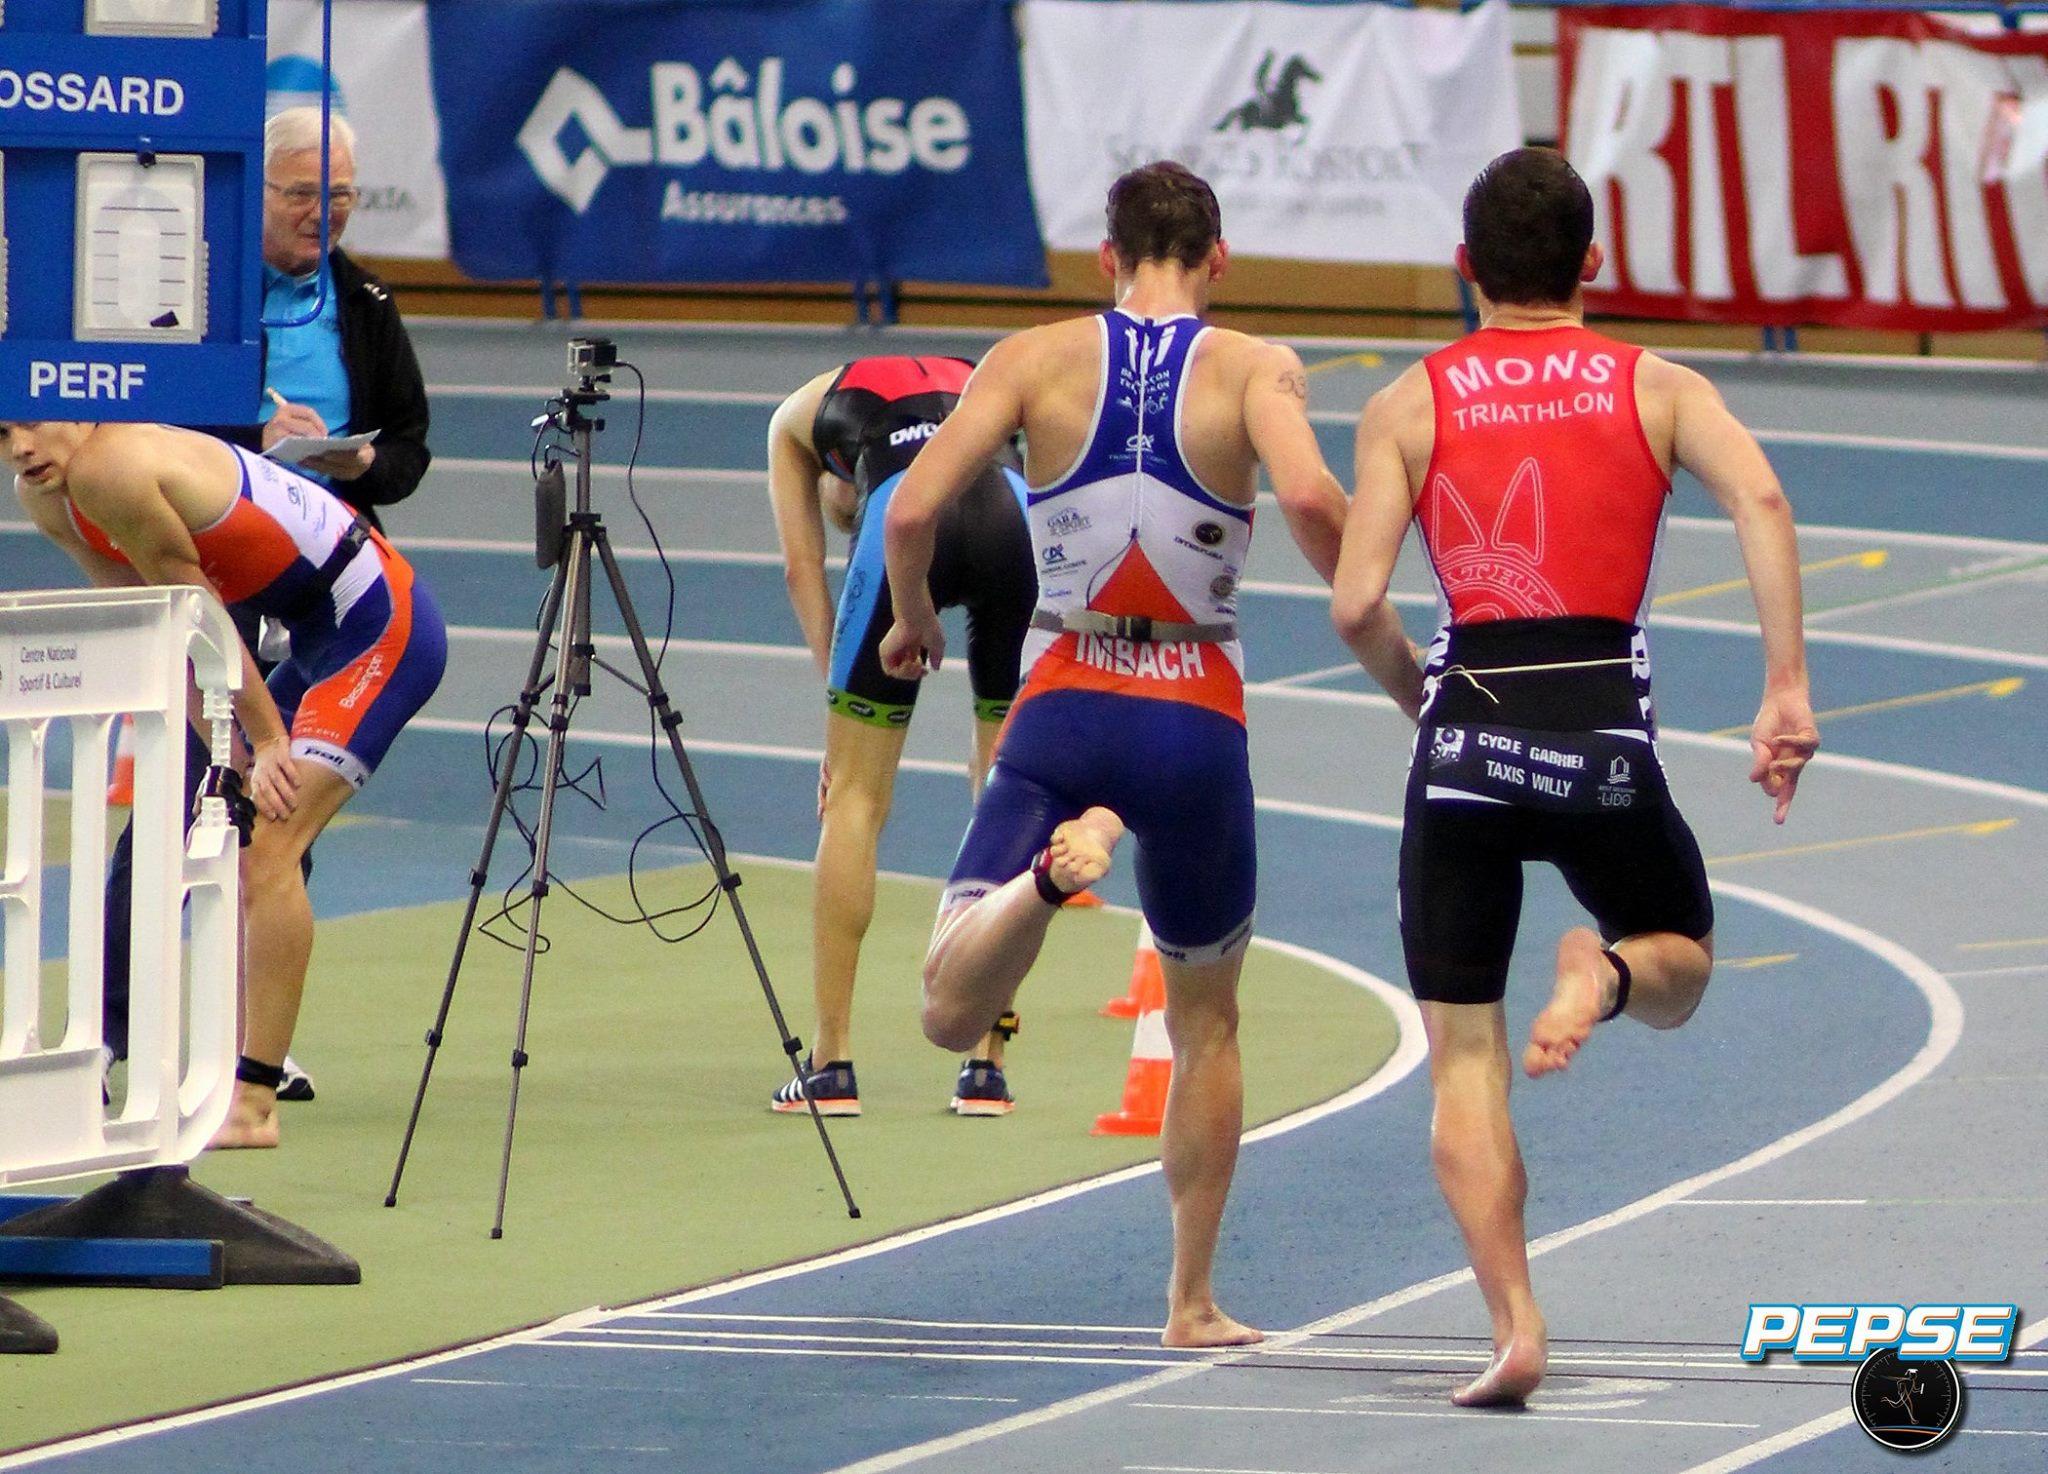 Hugo Counoy sprintend op blote voeten (foto: PEPSE/Benoit Veys)